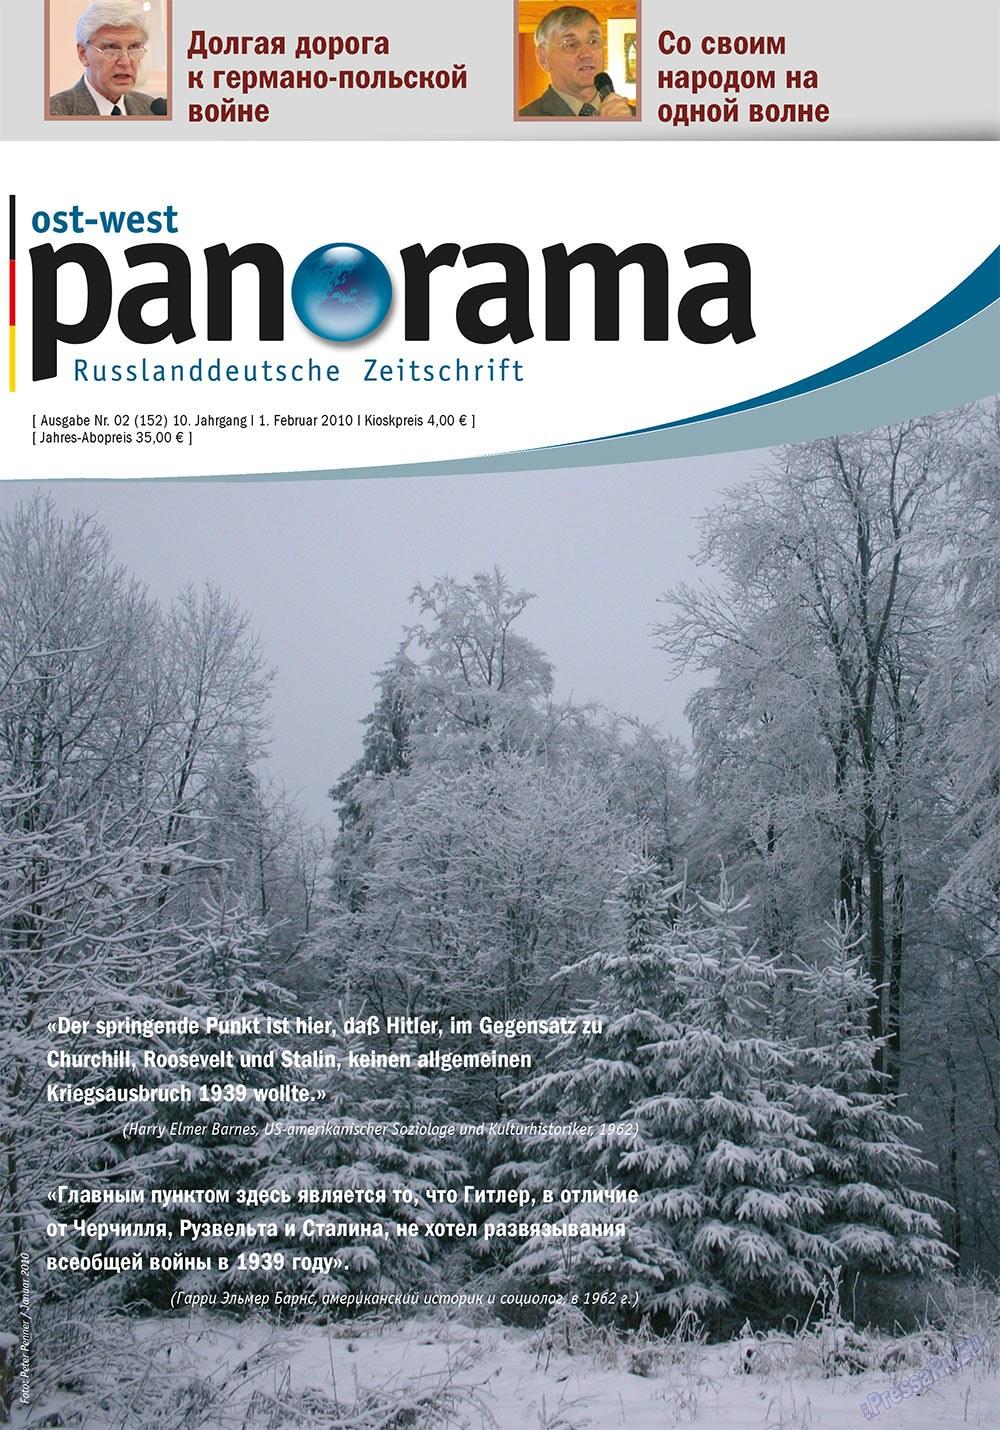 Ost-West Panorama (журнал). 2010 год, номер 2, стр. 1